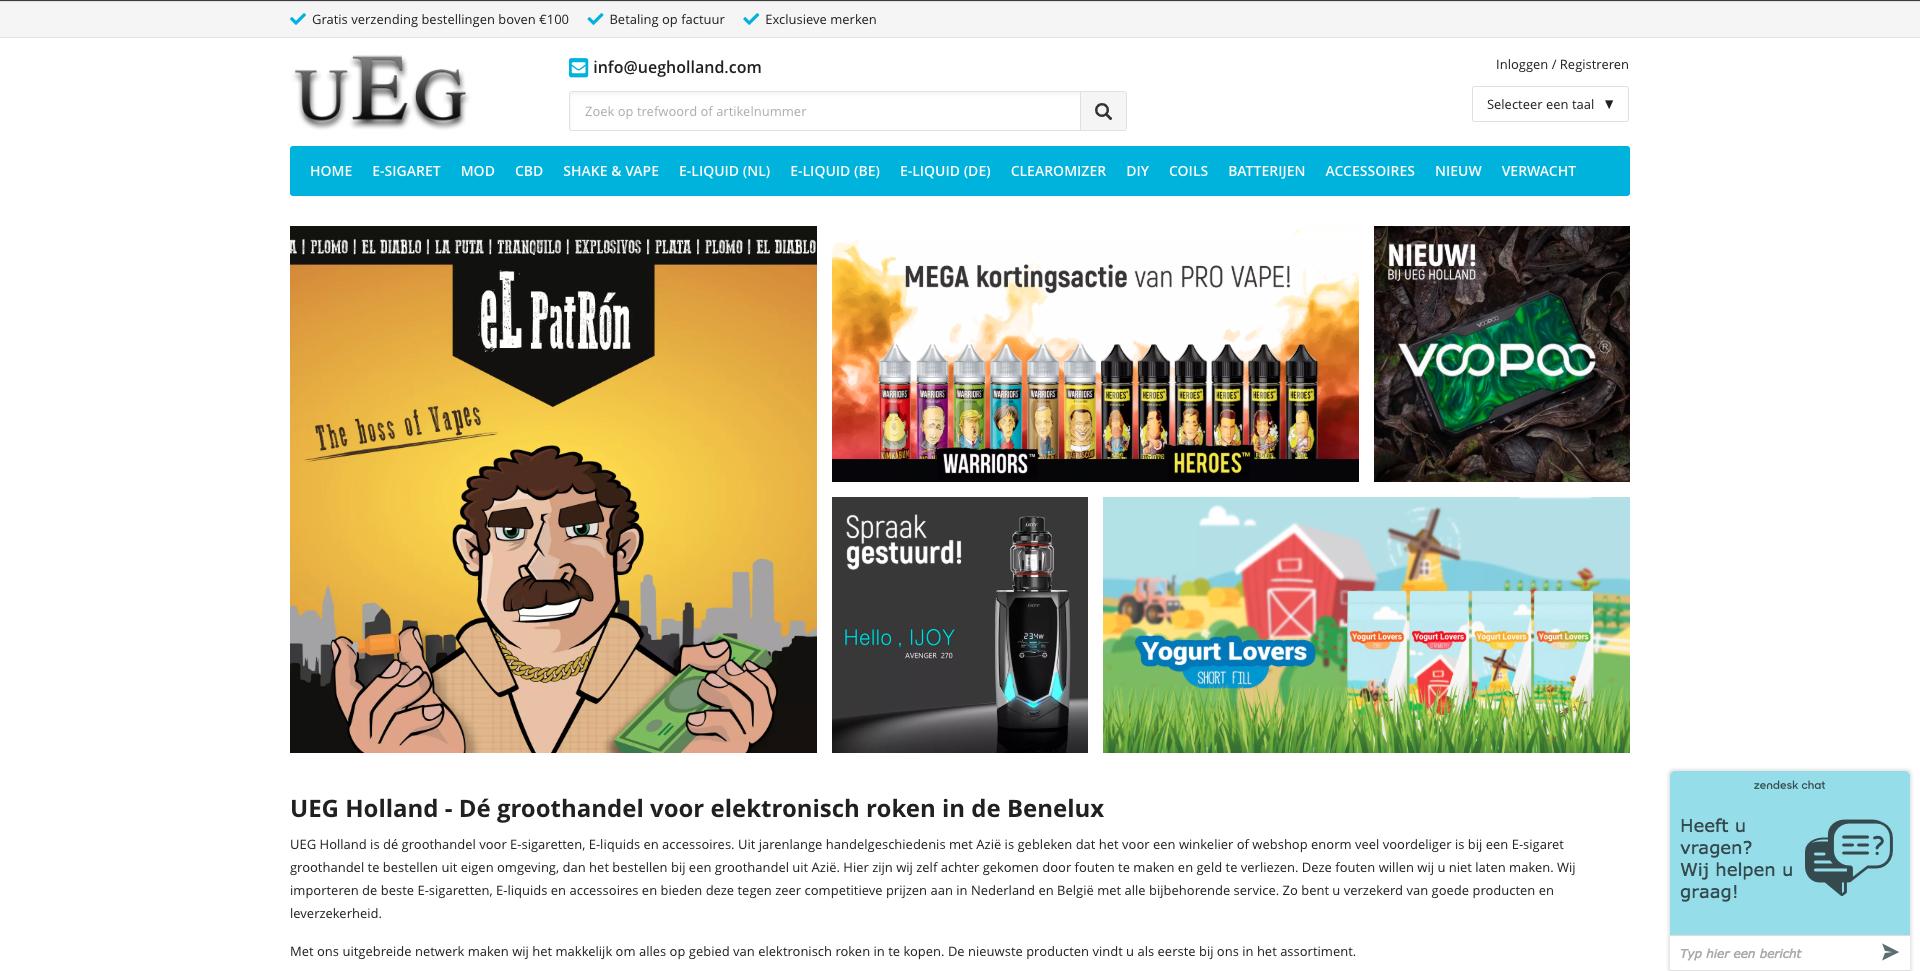 Homepagina van de webshop van UEG Holland